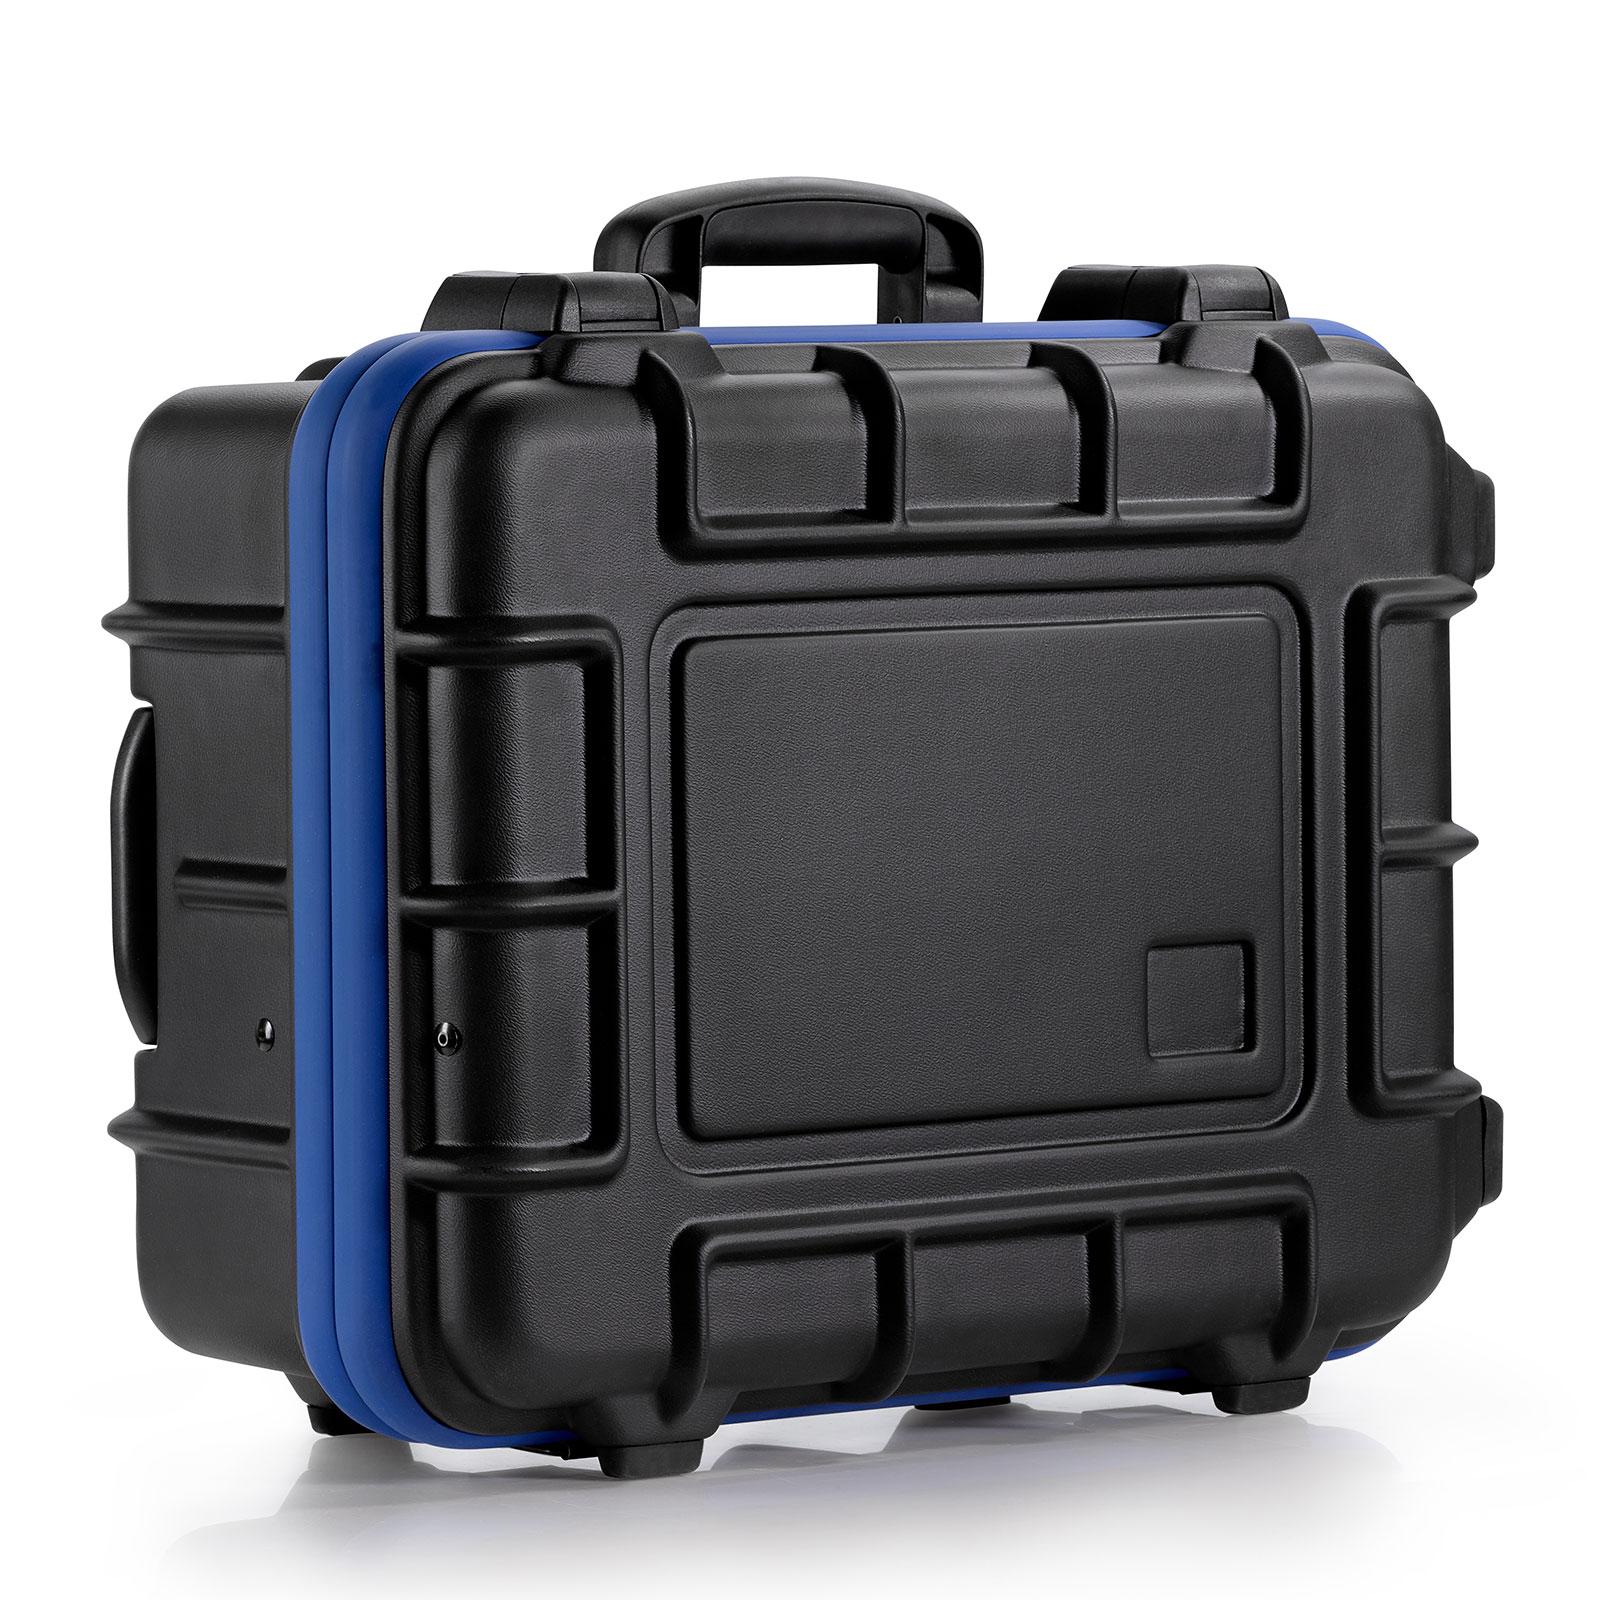 bwh koffer powerpack transportkoffer typ 2 mit 2 rollen g nstig kaufen koffermarkt. Black Bedroom Furniture Sets. Home Design Ideas